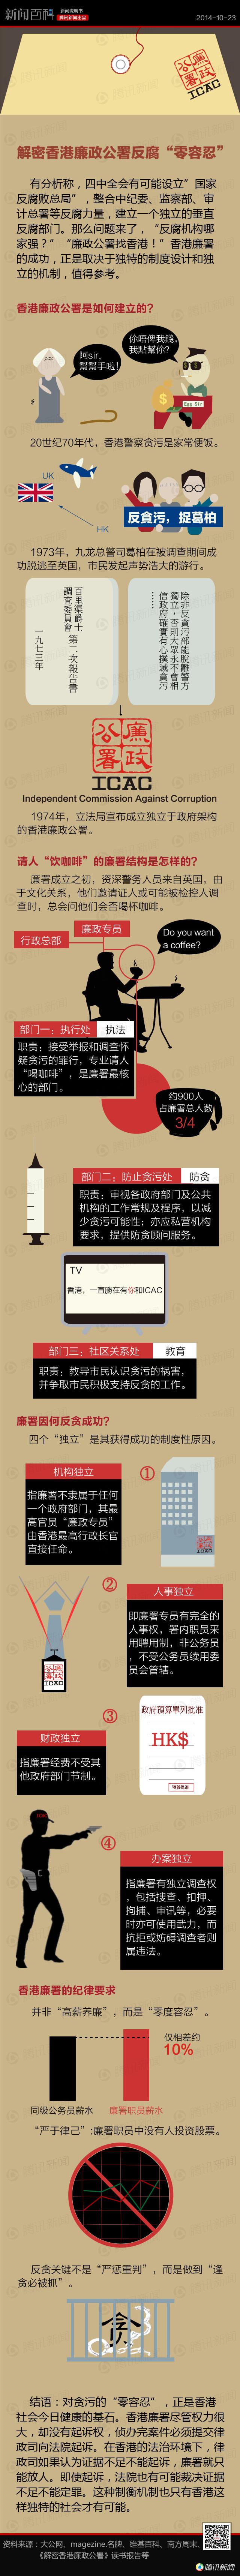 """【强国富民】 解密香港廉政公署反腐零容忍  (转自:""""腾讯网) - 水南星 - 水南星精品博园"""